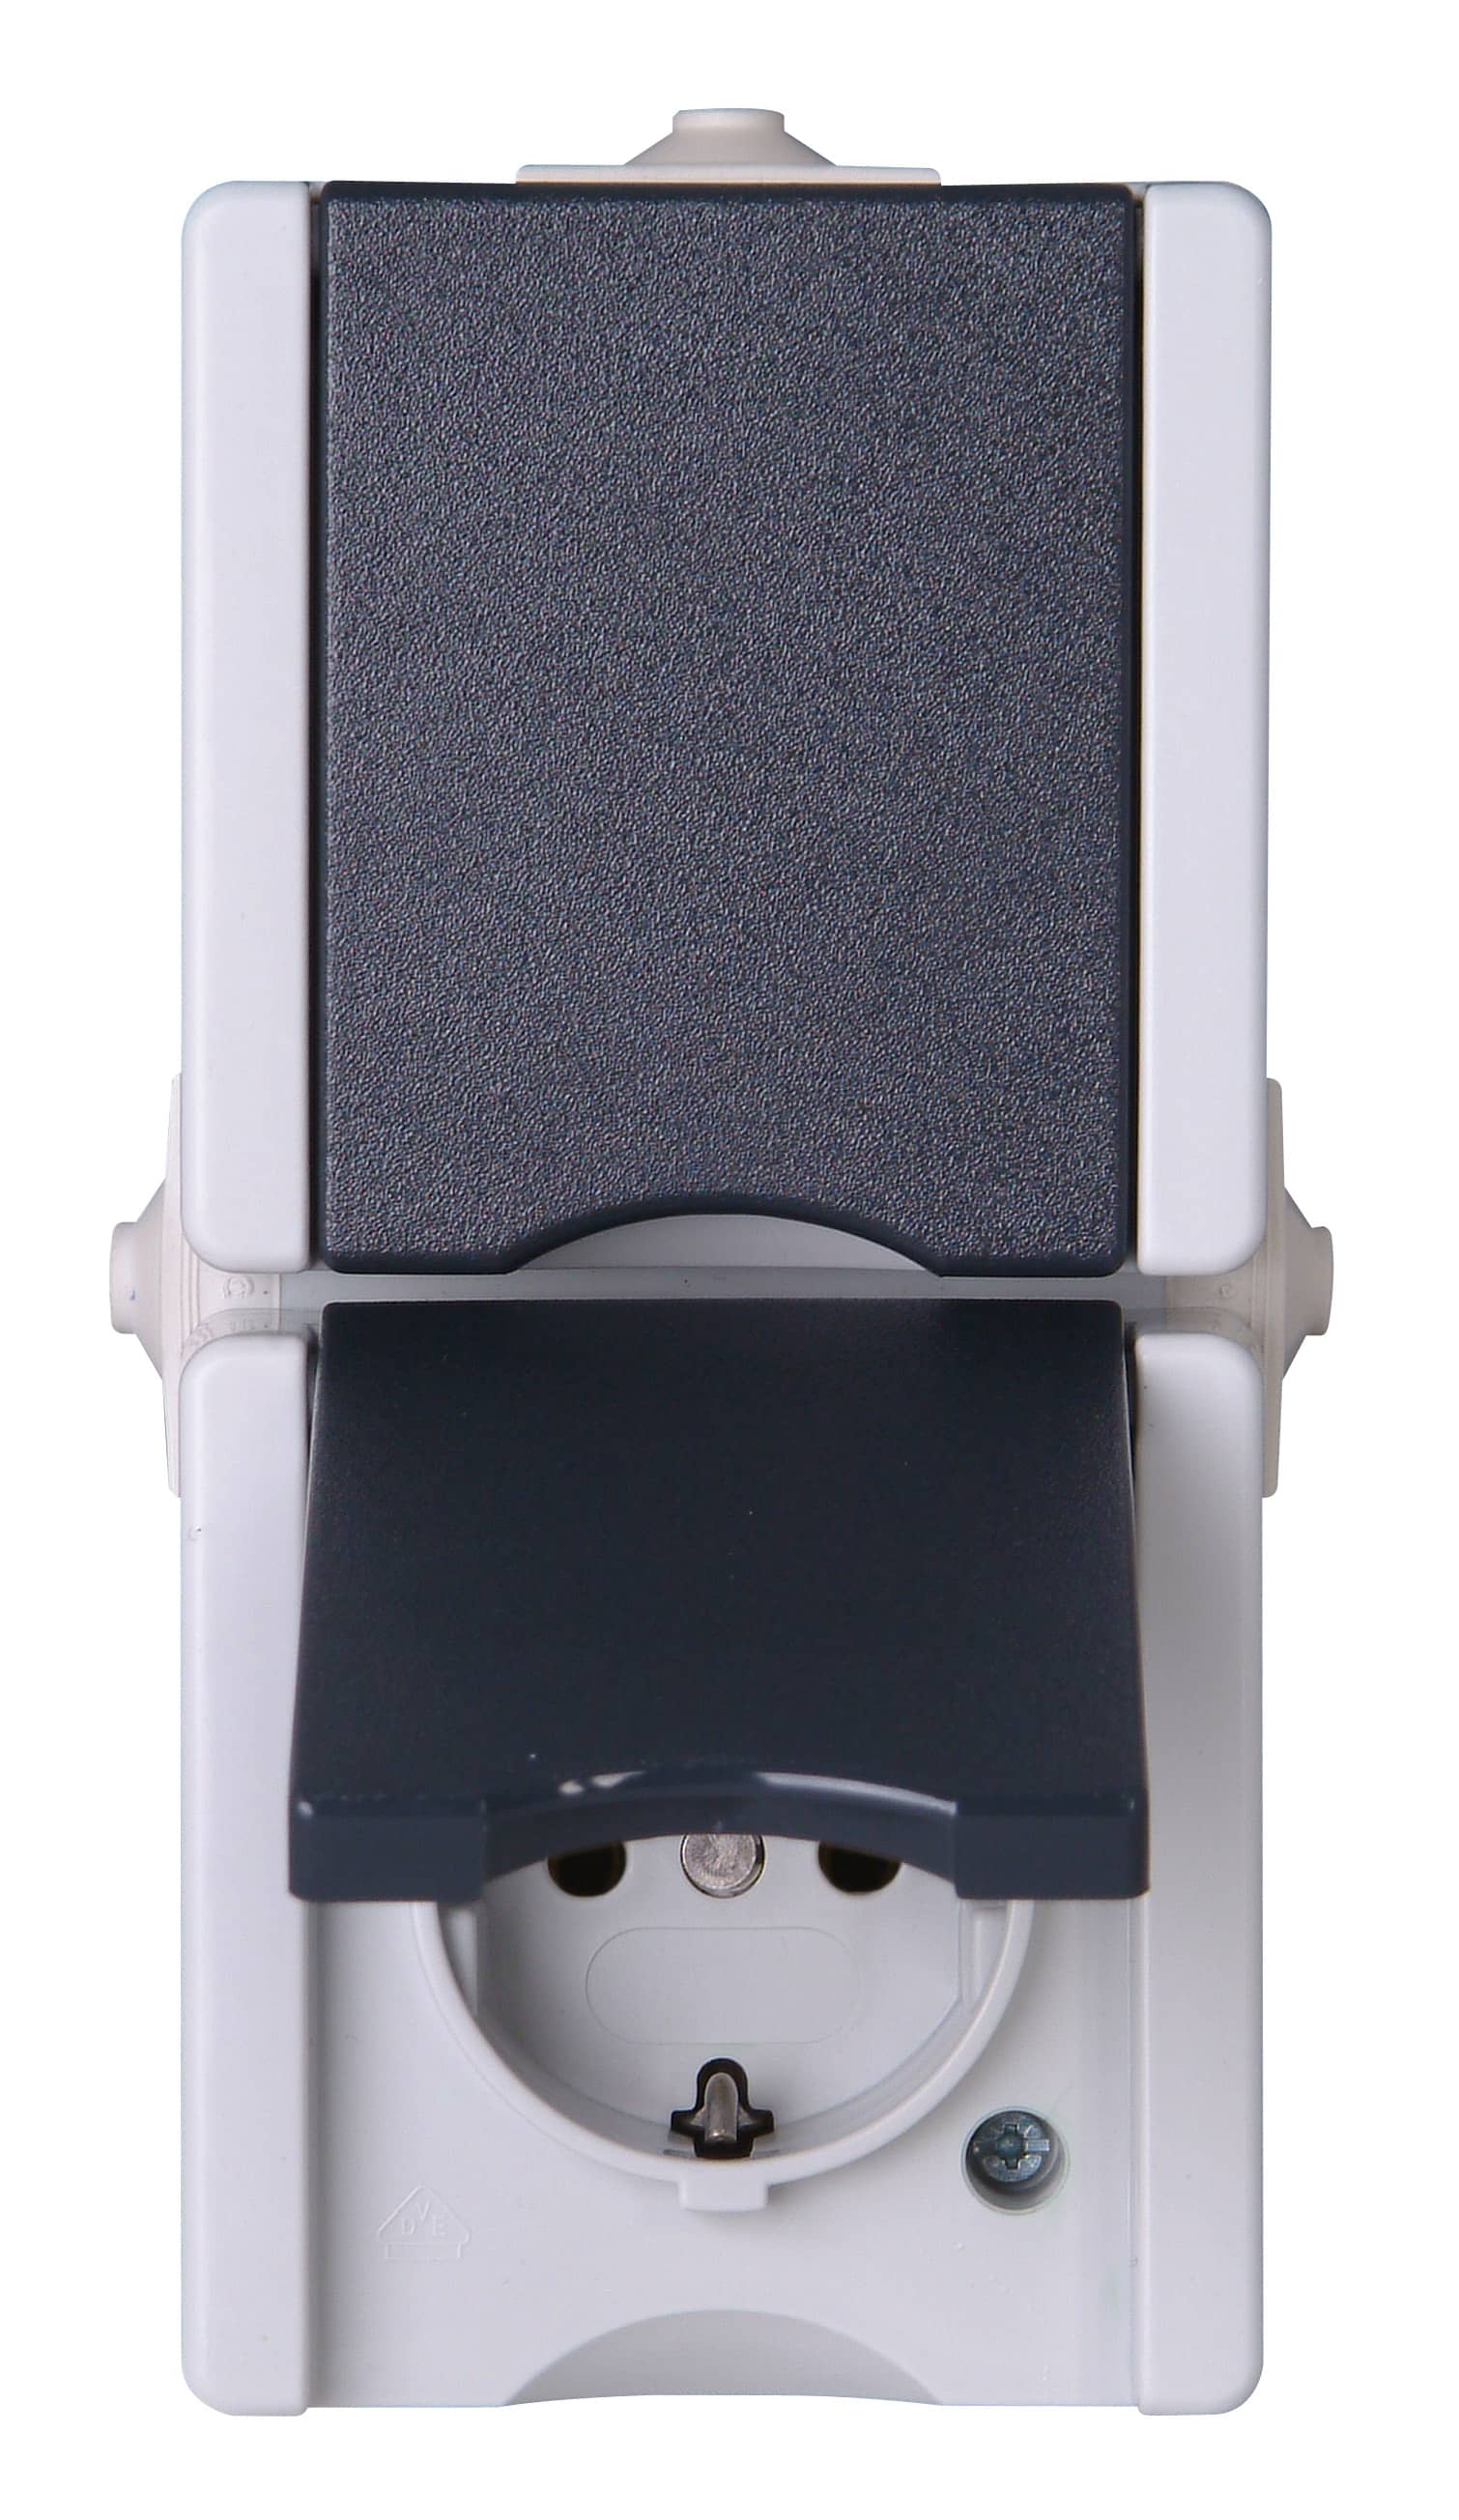 kopp aufputz feuchtraum schutzkontakt steckdose mit klappdeckel 2 fach senkre ebay. Black Bedroom Furniture Sets. Home Design Ideas